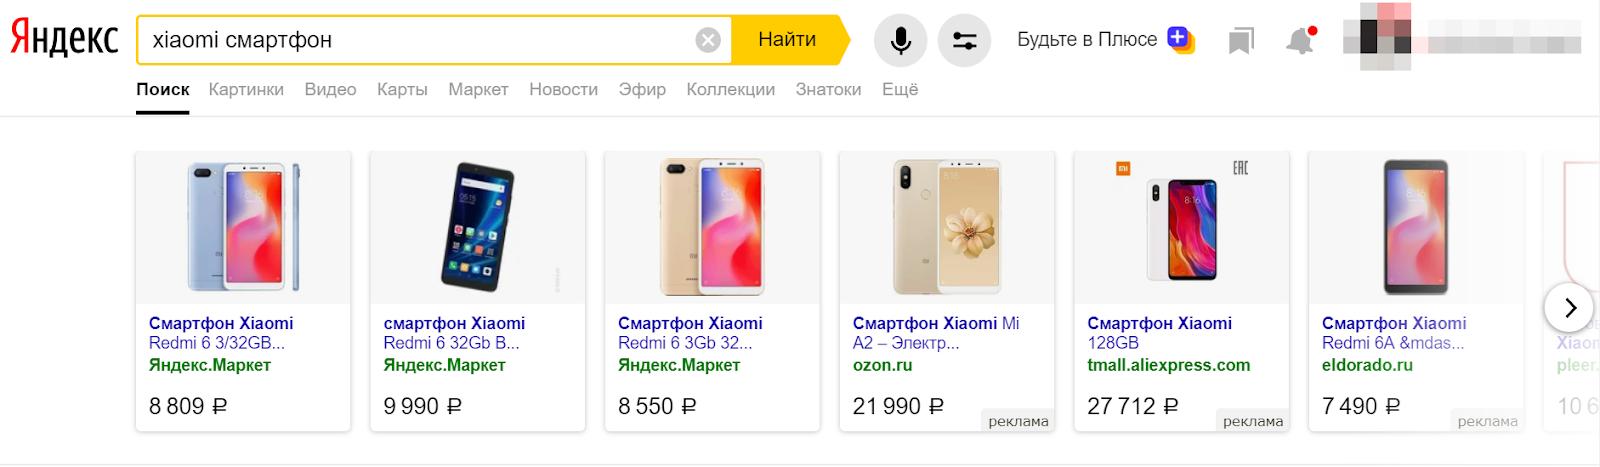 Смарт-баннеры над результатами поисковой выдачи Яндекса